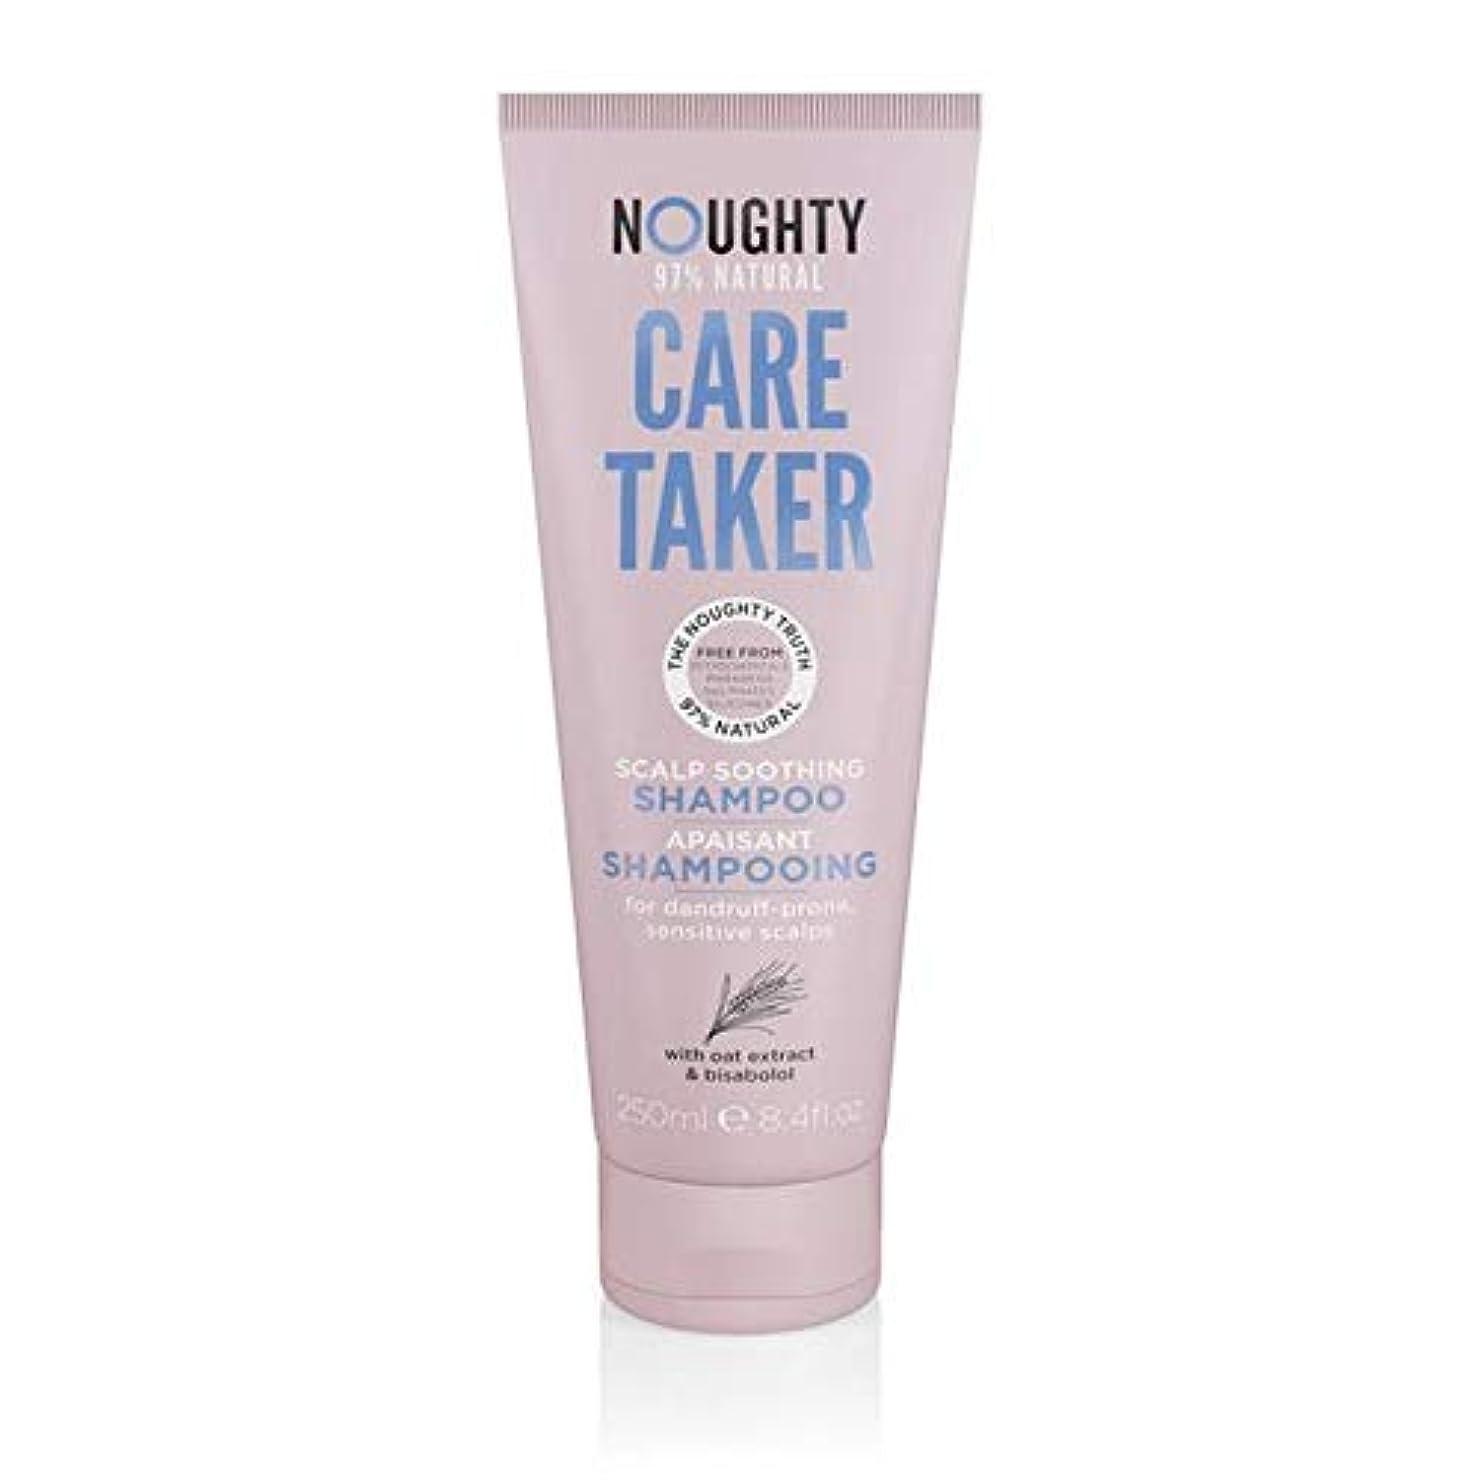 動かないサイレン推進力[Noughty] Noughtyケアテイカーシャンプー250Ml - Noughty Care Taker Shampoo 250ml [並行輸入品]